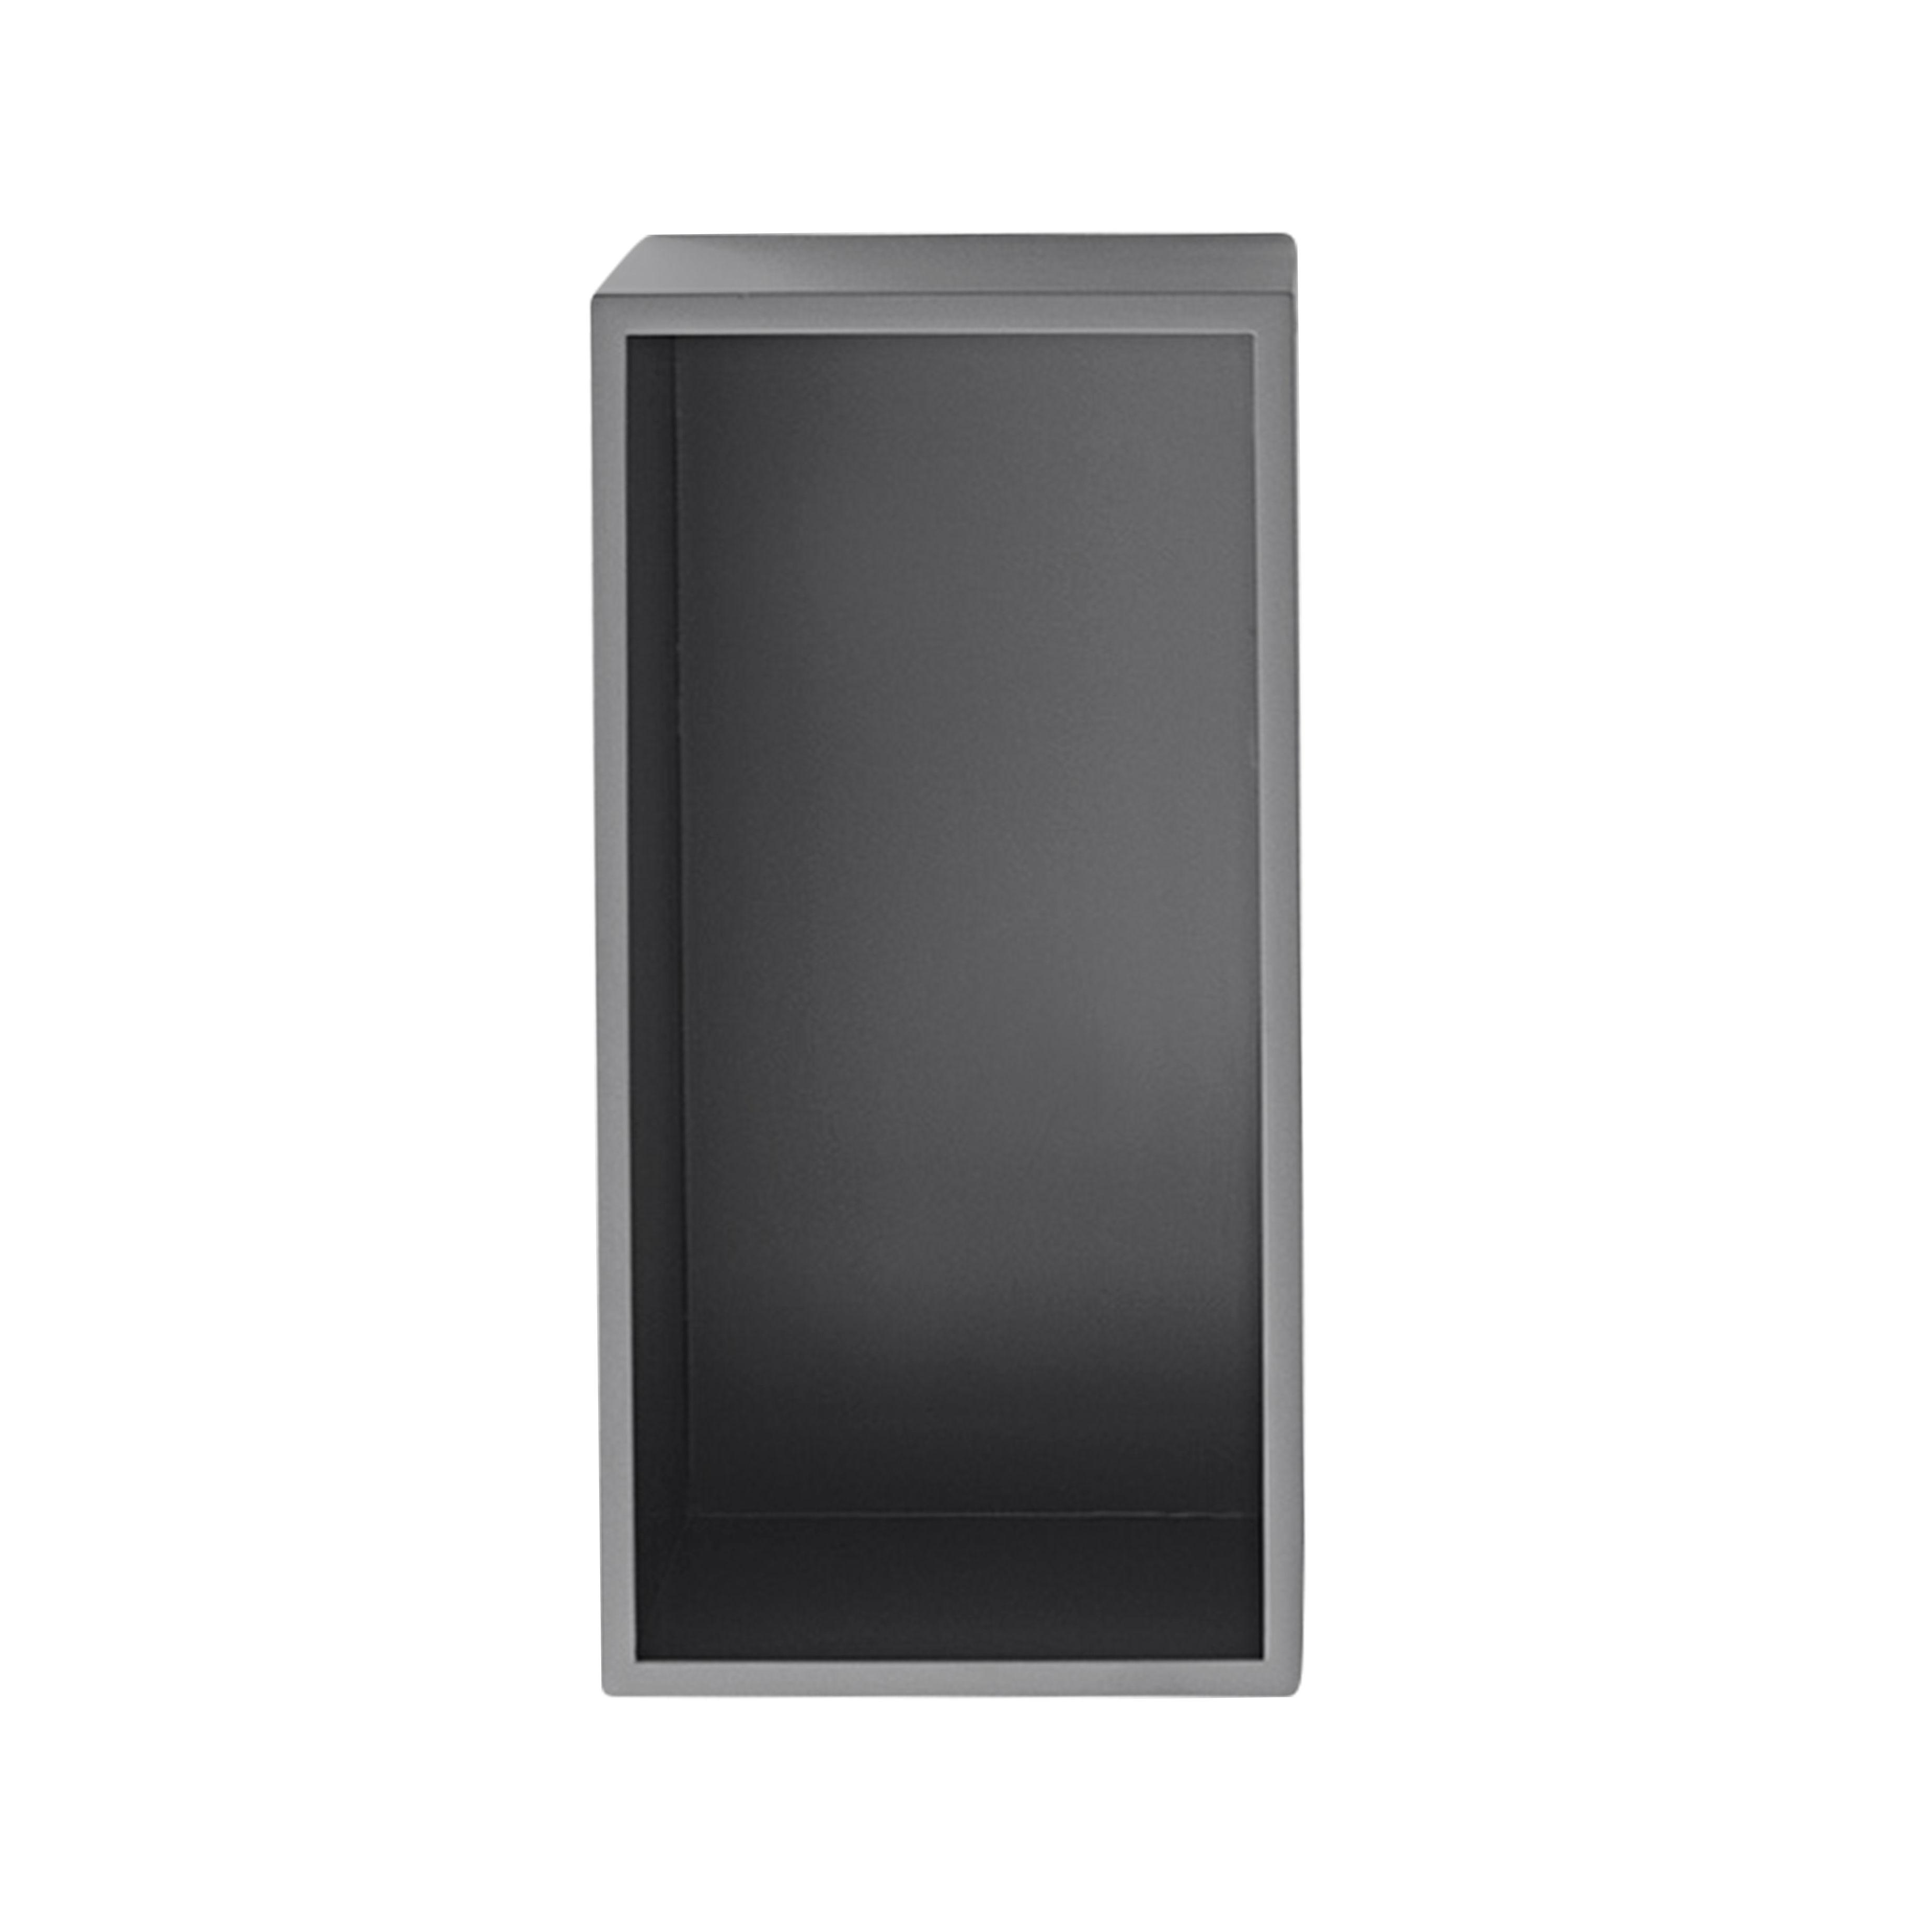 Mobilier - Etagères & bibliothèques - Etagère Mini Stacked 2.0 / Small rectangulaire 33x16 cm / Avec fond - Muuto - Gris - MDF peint